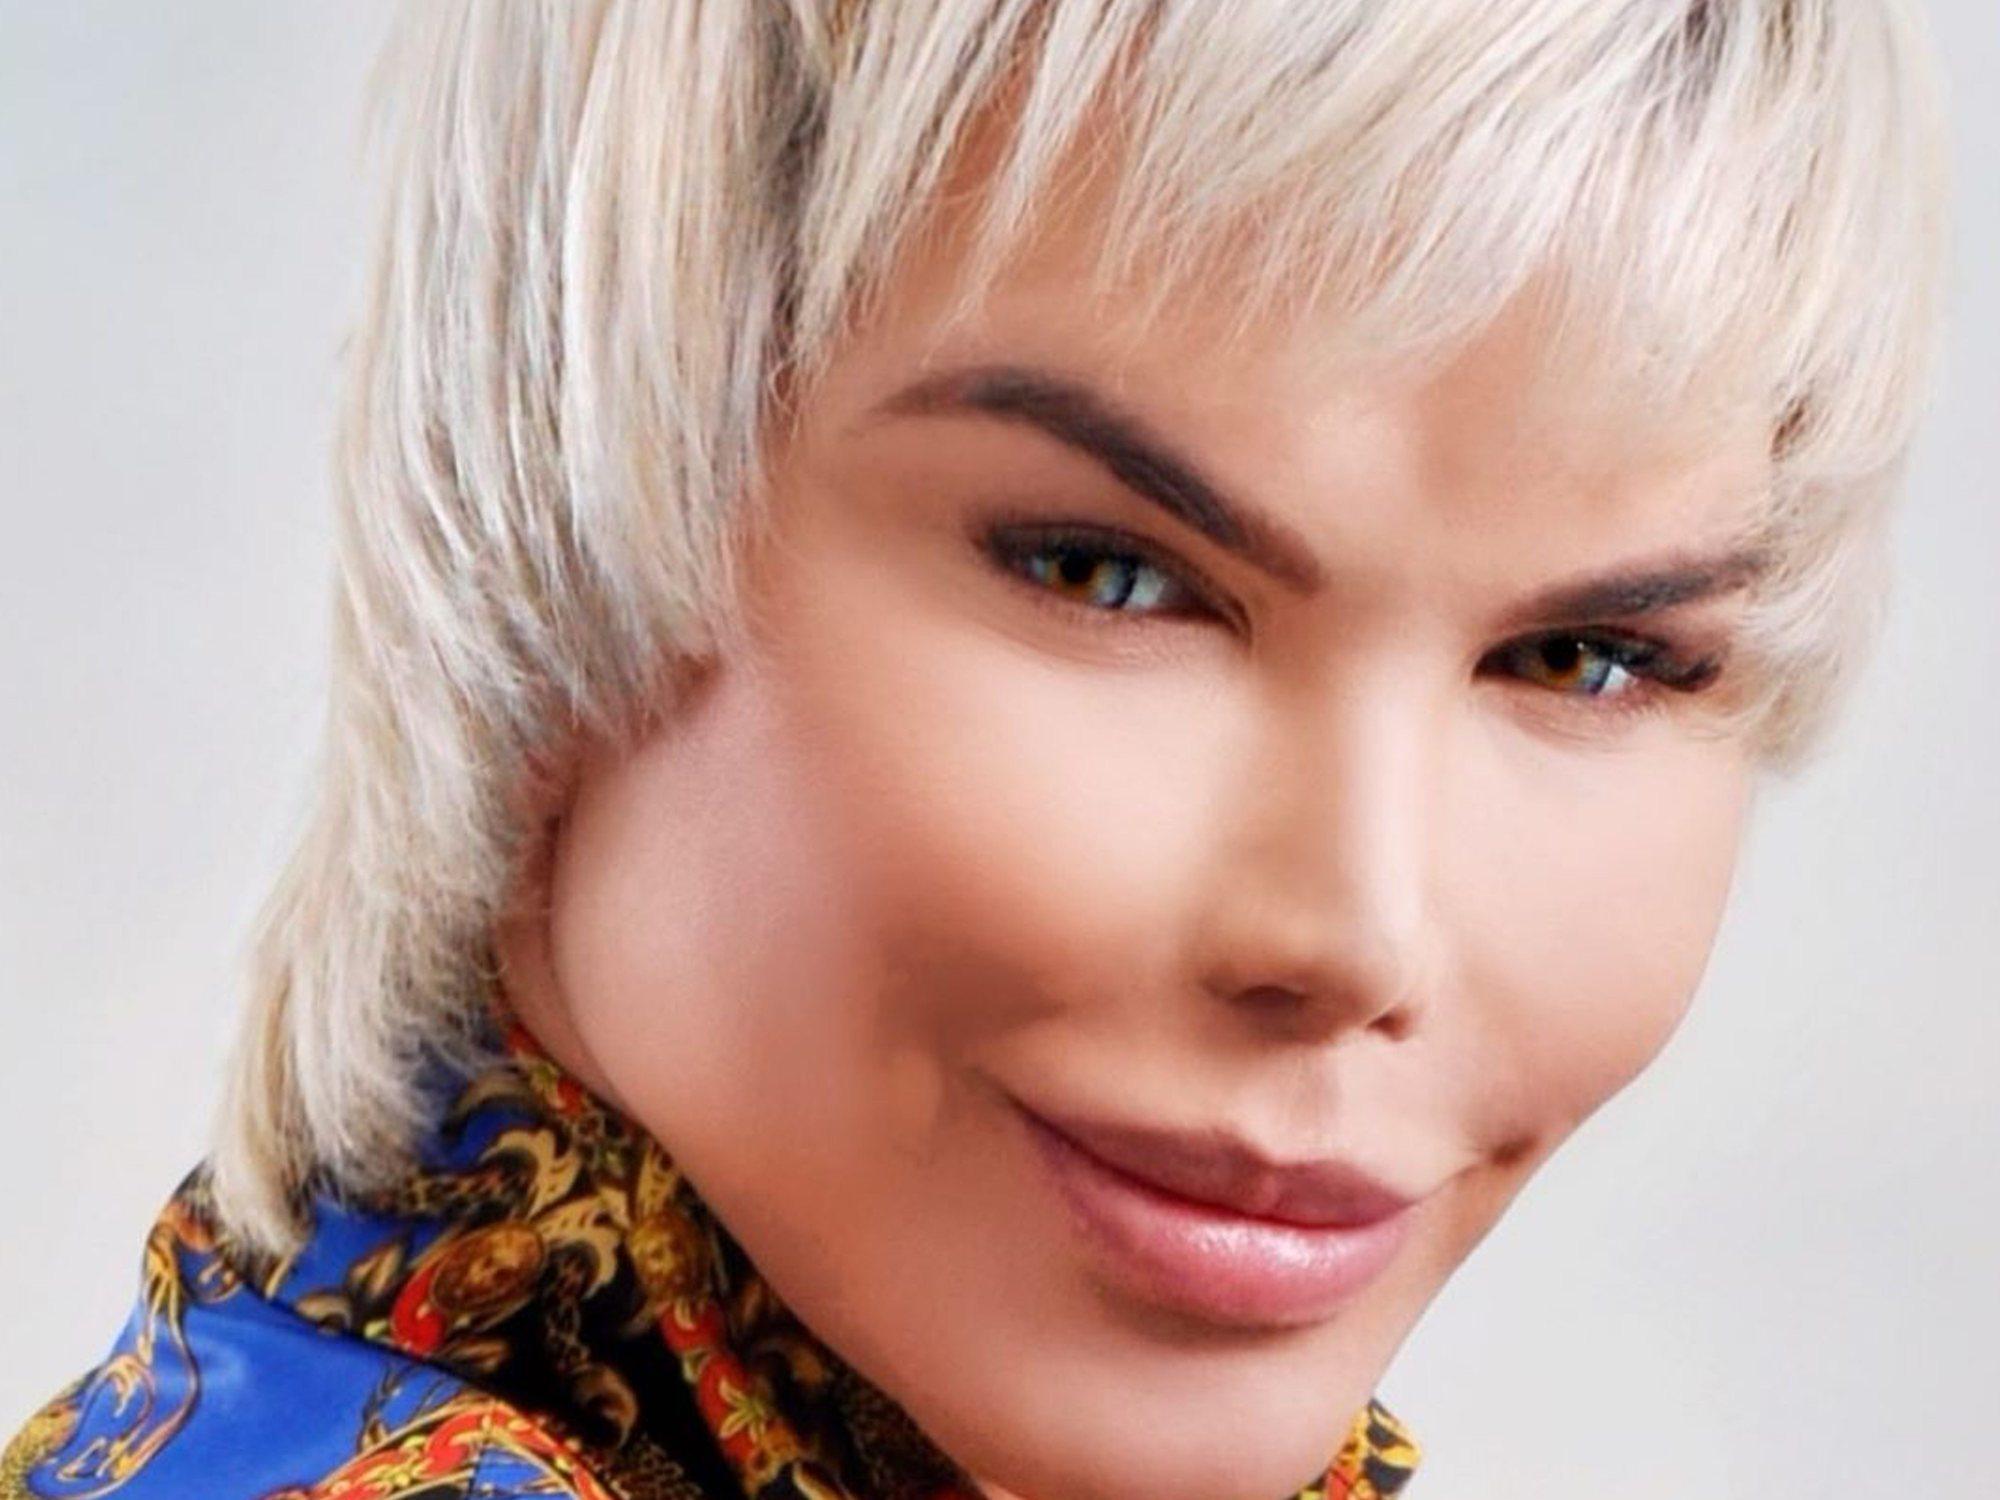 El drama del 'Ken humano': a punto de perder su nariz y lucir un agujero en la cara